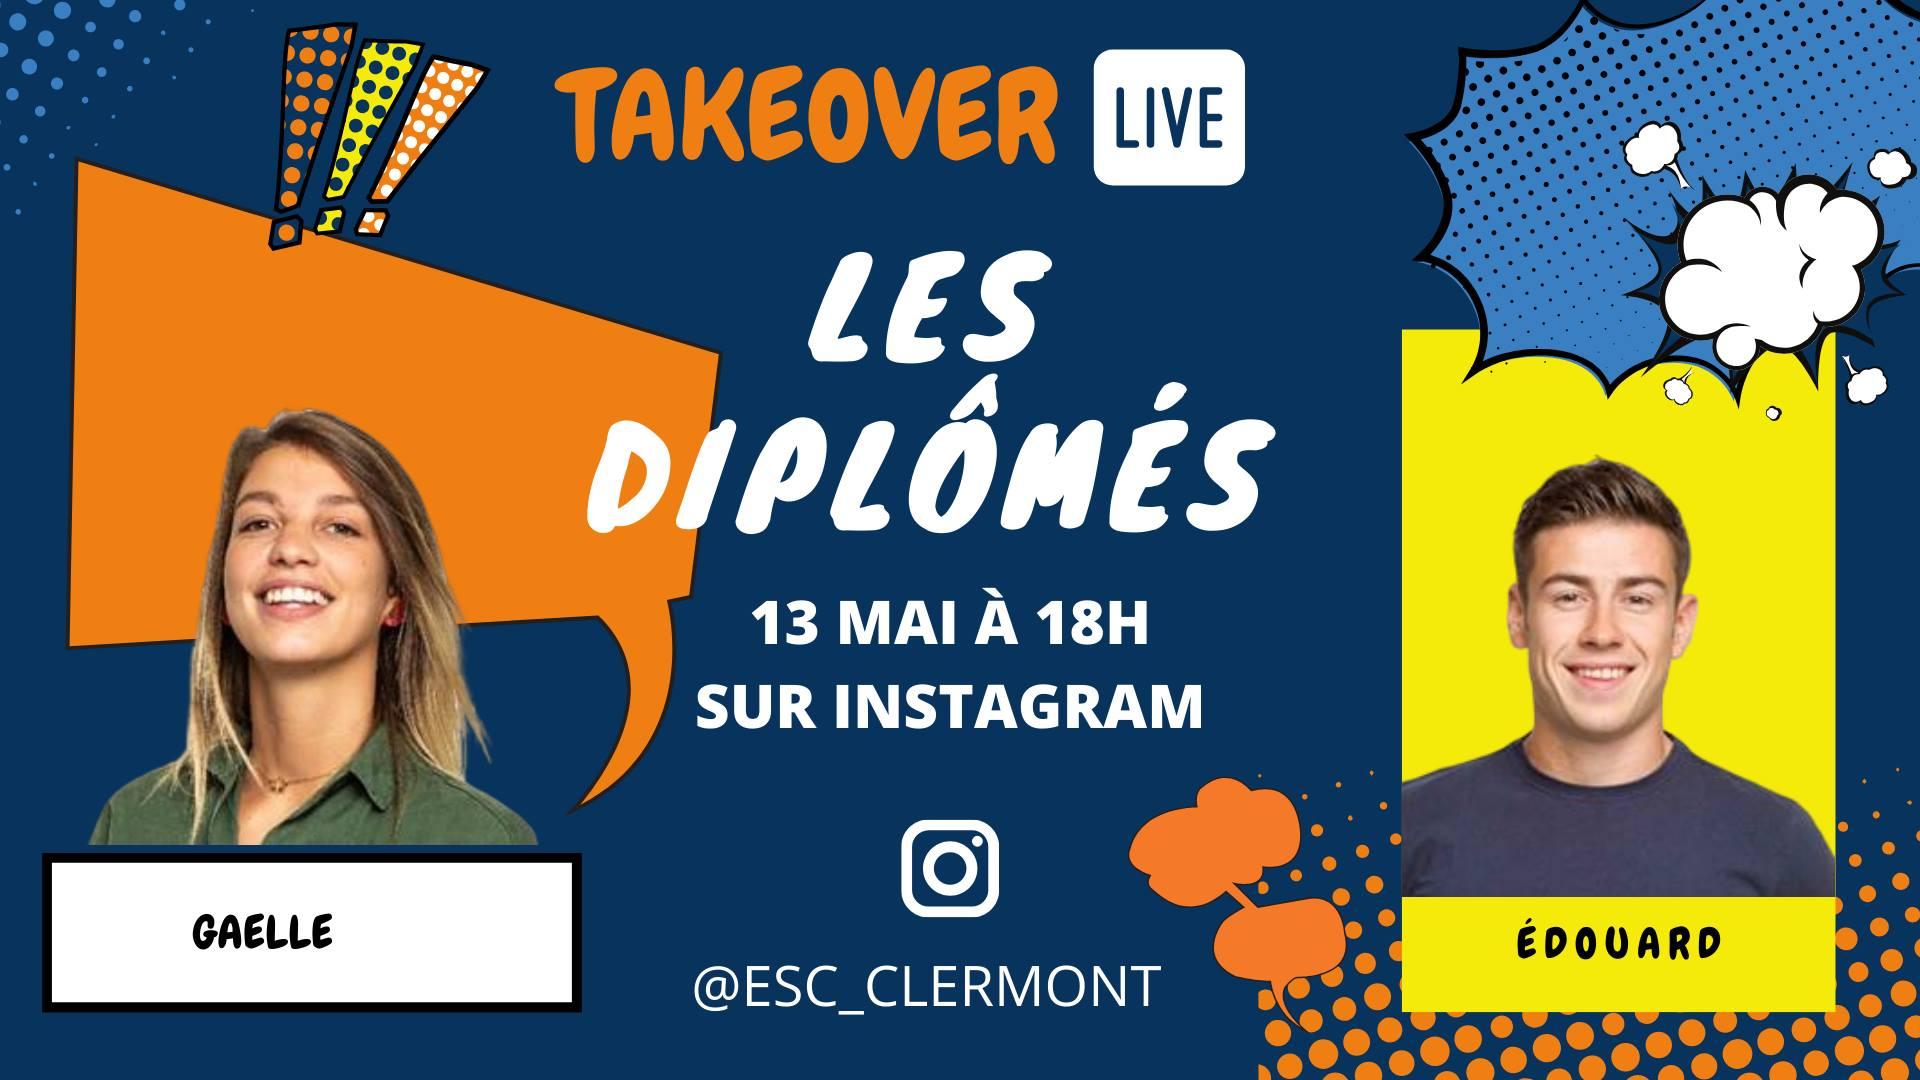 TakeOver Instagram avec Gaëlle et Edouard, promo 2019 @ Événement en ligne